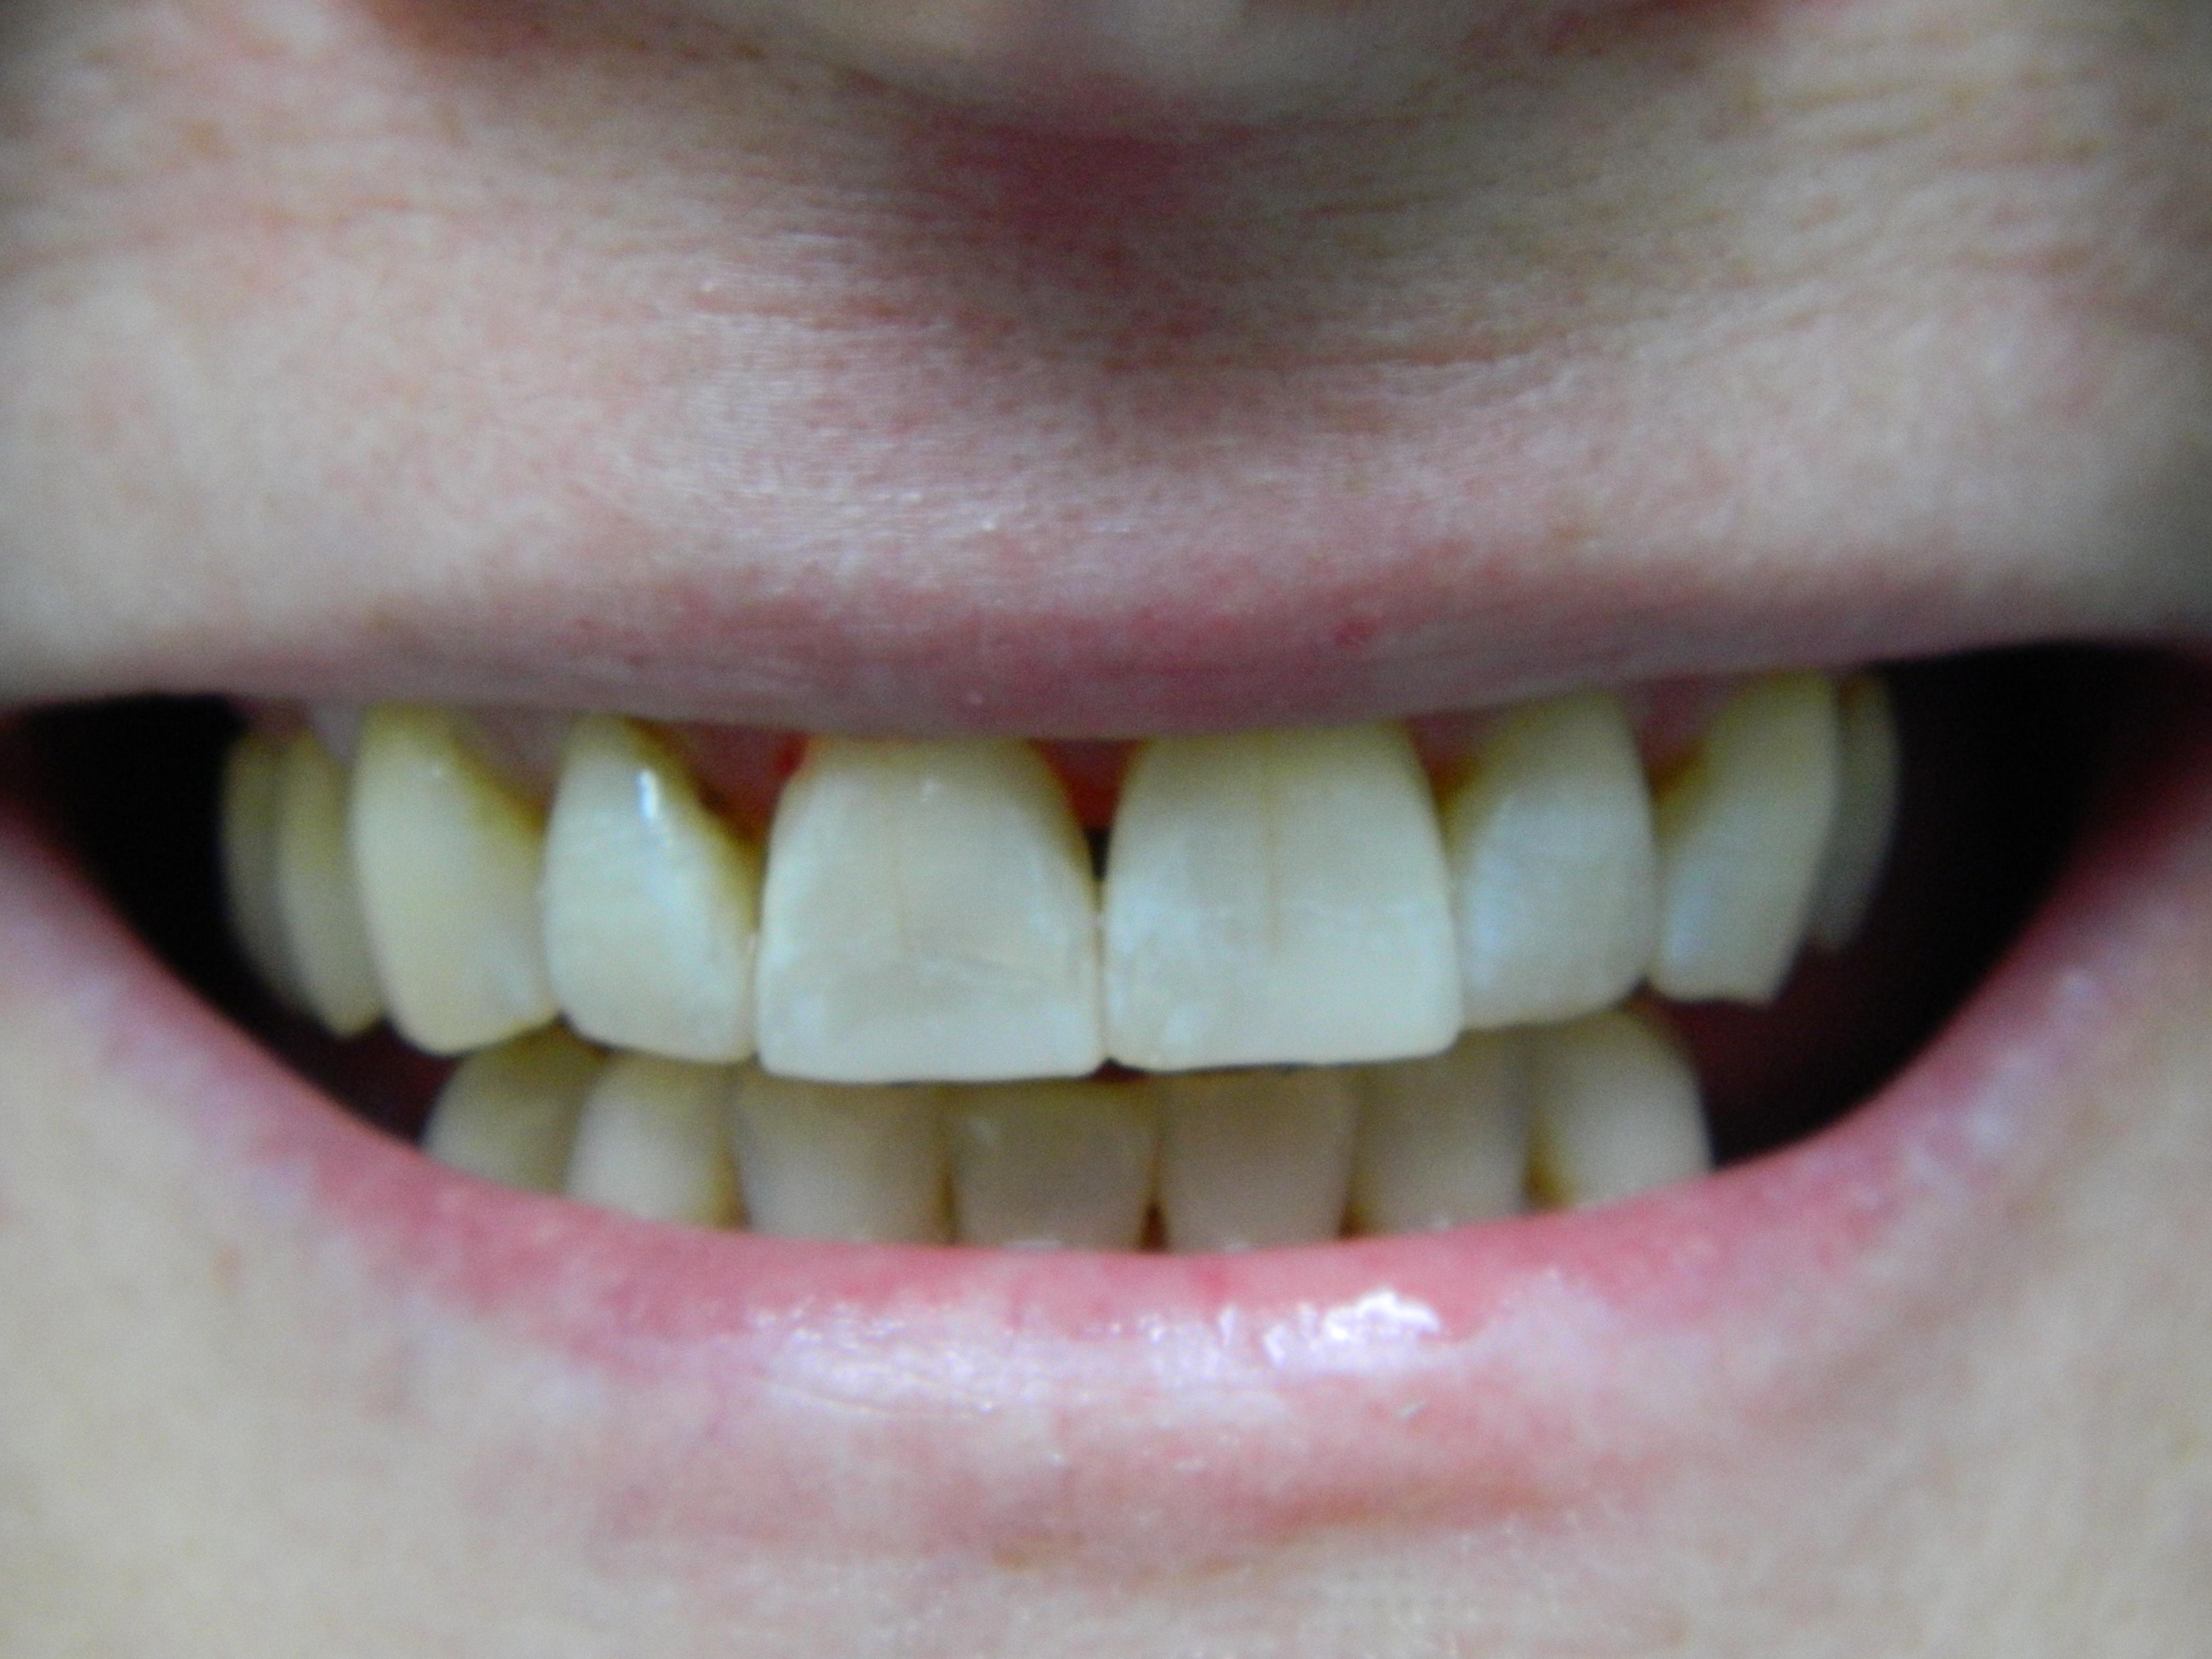 SMILE DENTAL CARE, DR. STEVEN NGUYEN image 1